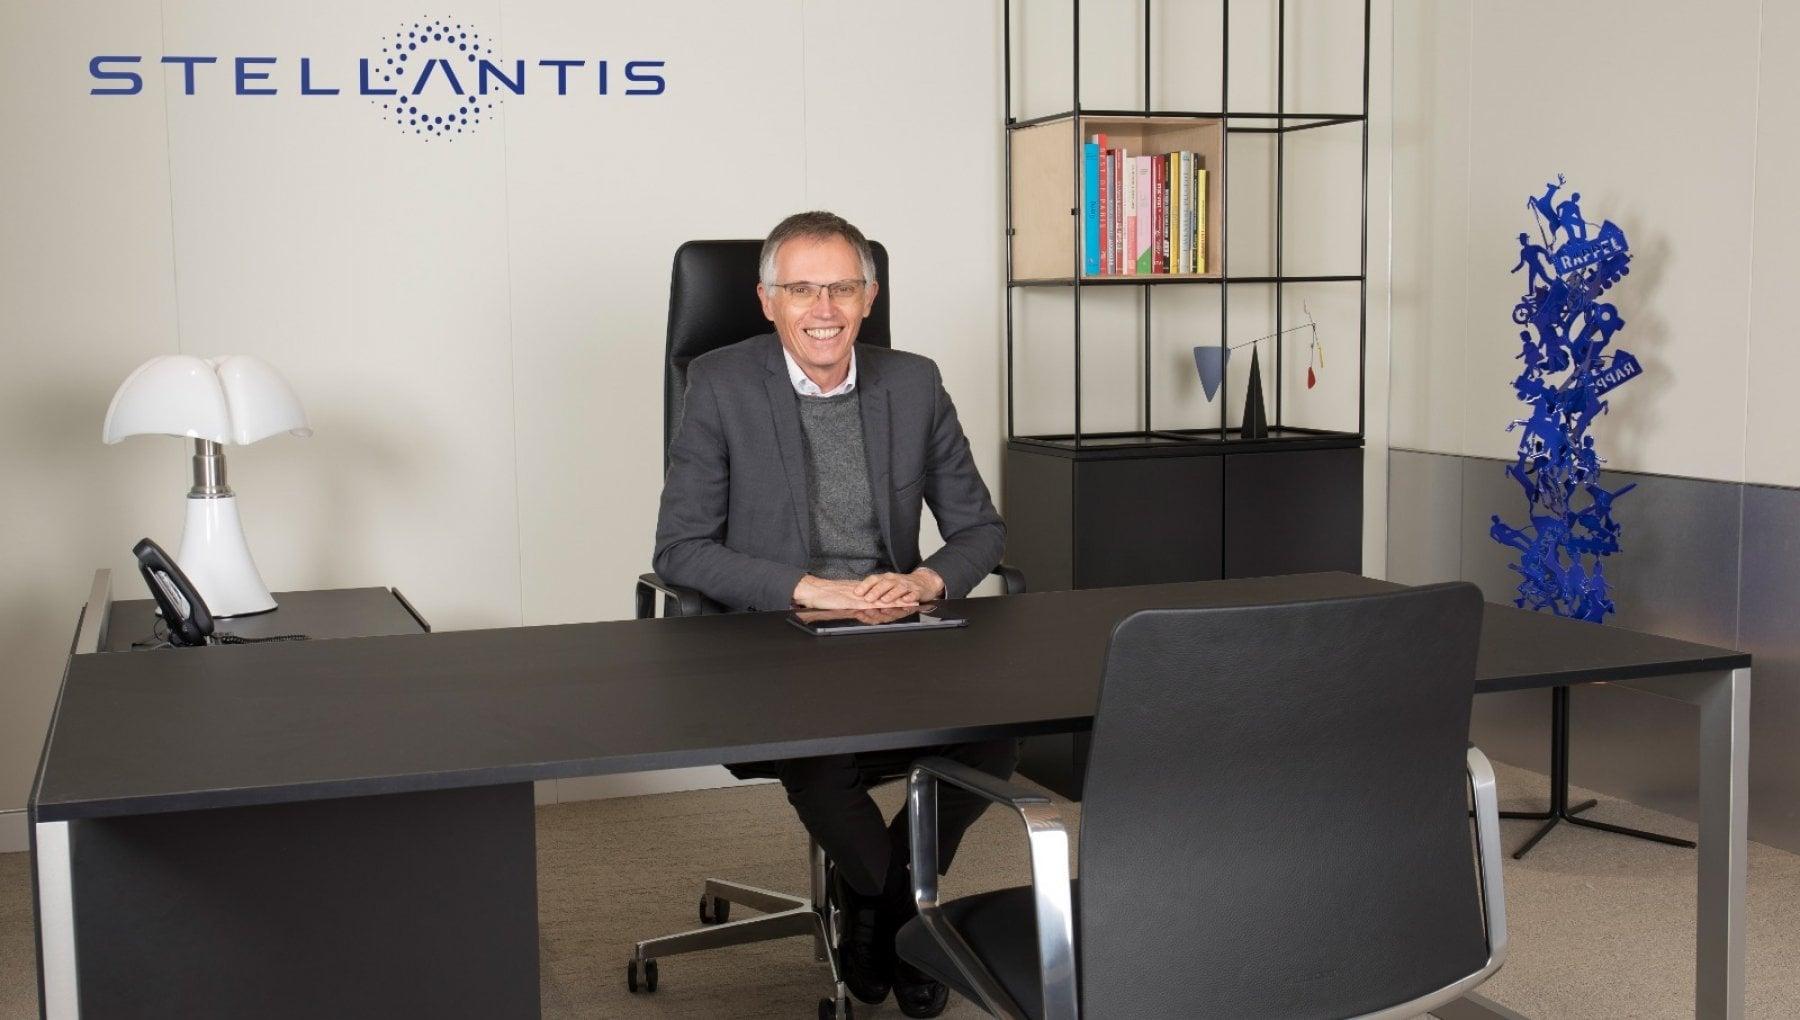 Tavares Stellantis puntera sullinnovazione. LEuropa non deve avere paura del cambiamento